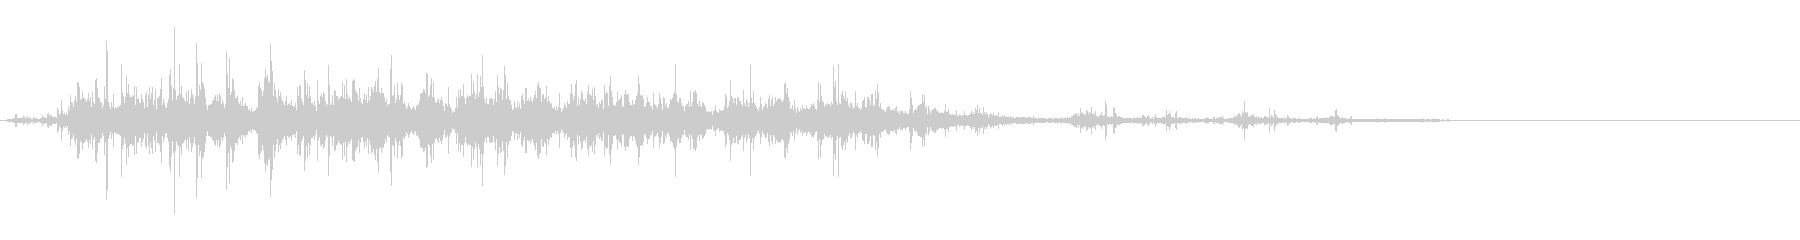 「ガラガラ…」木片シェーカー音リバーブ入の未再生の波形